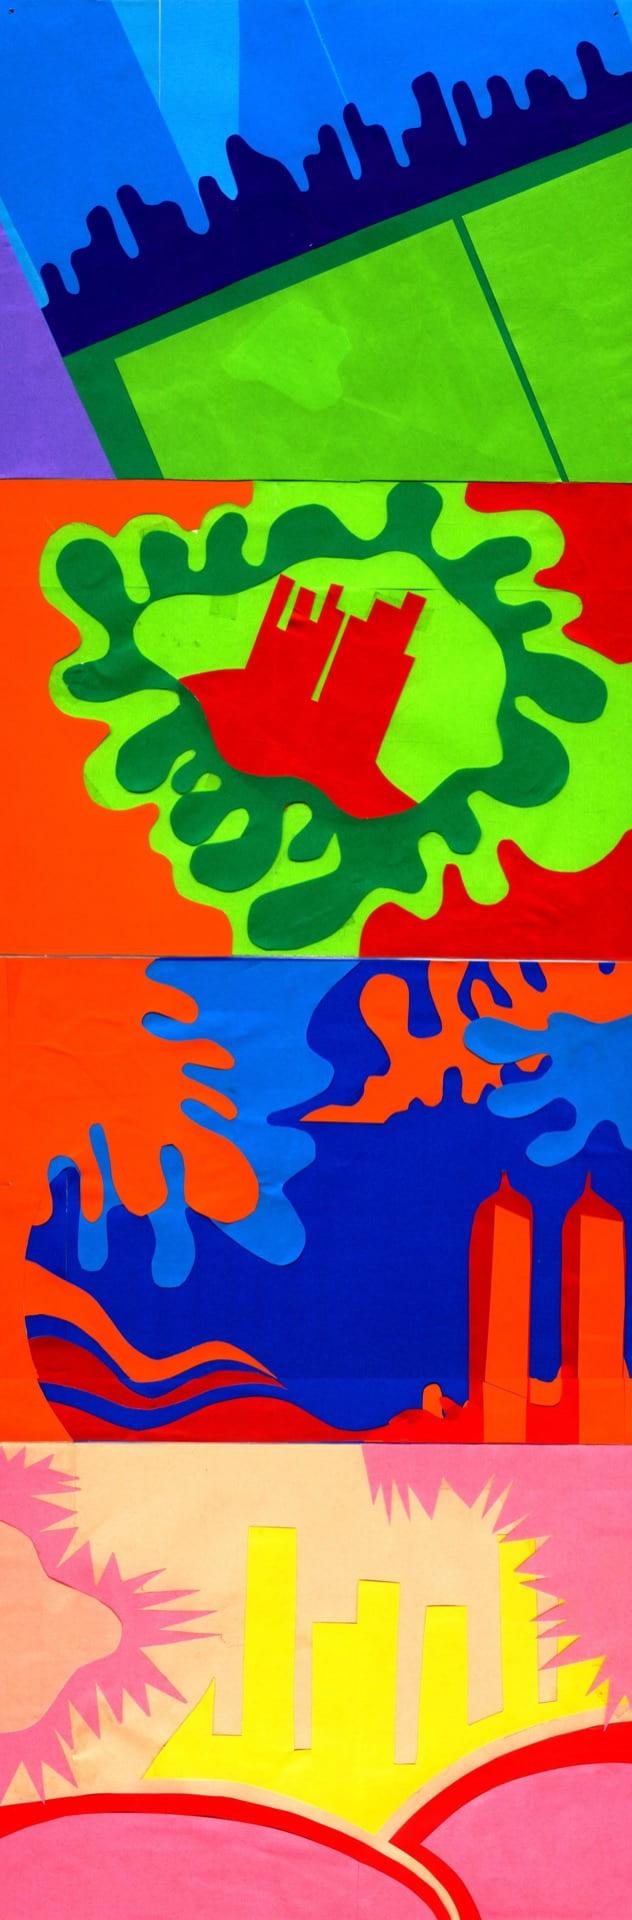 4) Paper Cut Landscapes (Playful & Place)